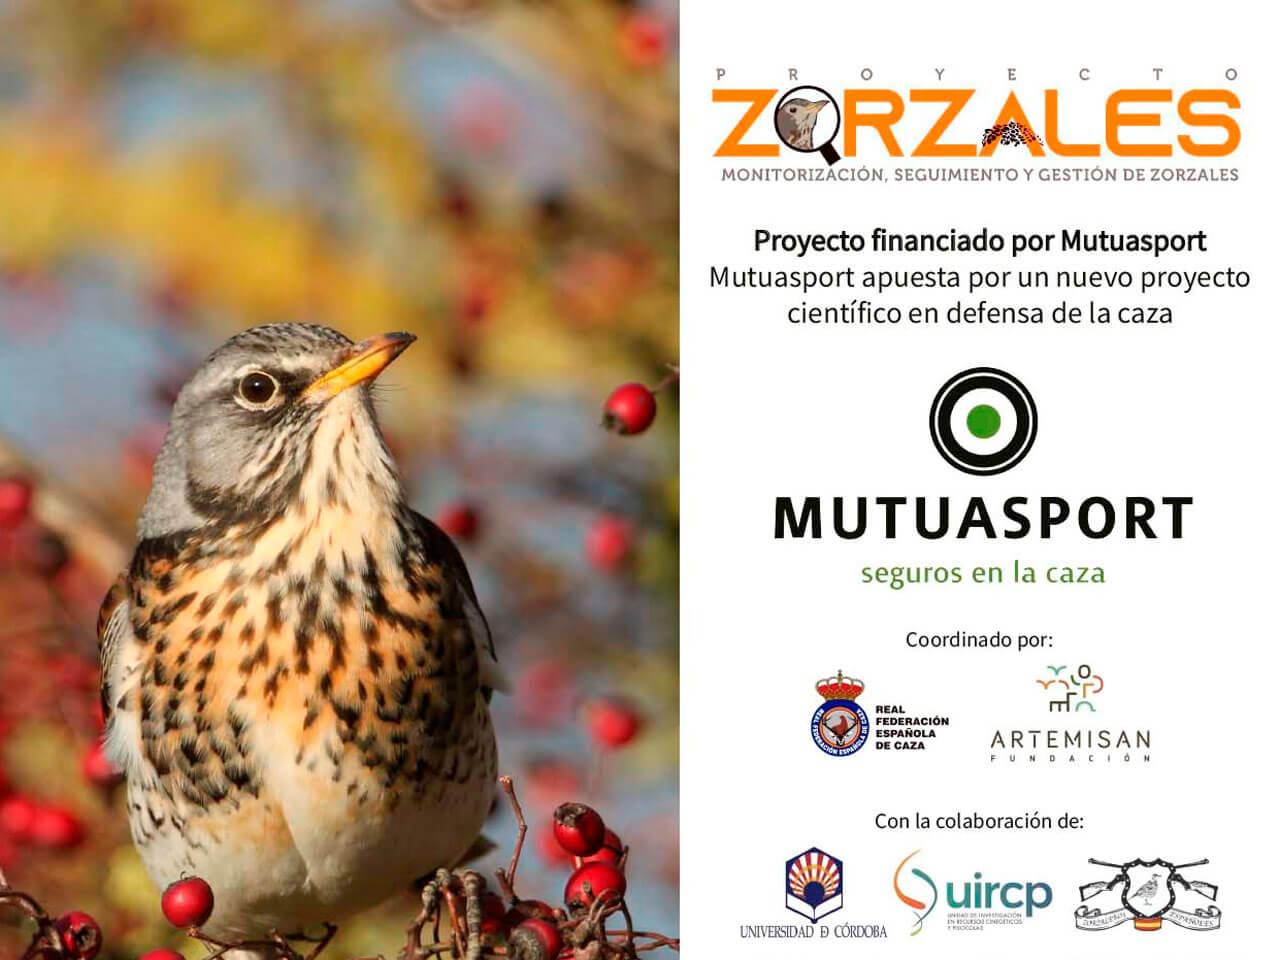 Información detallada del proyecto zorzales